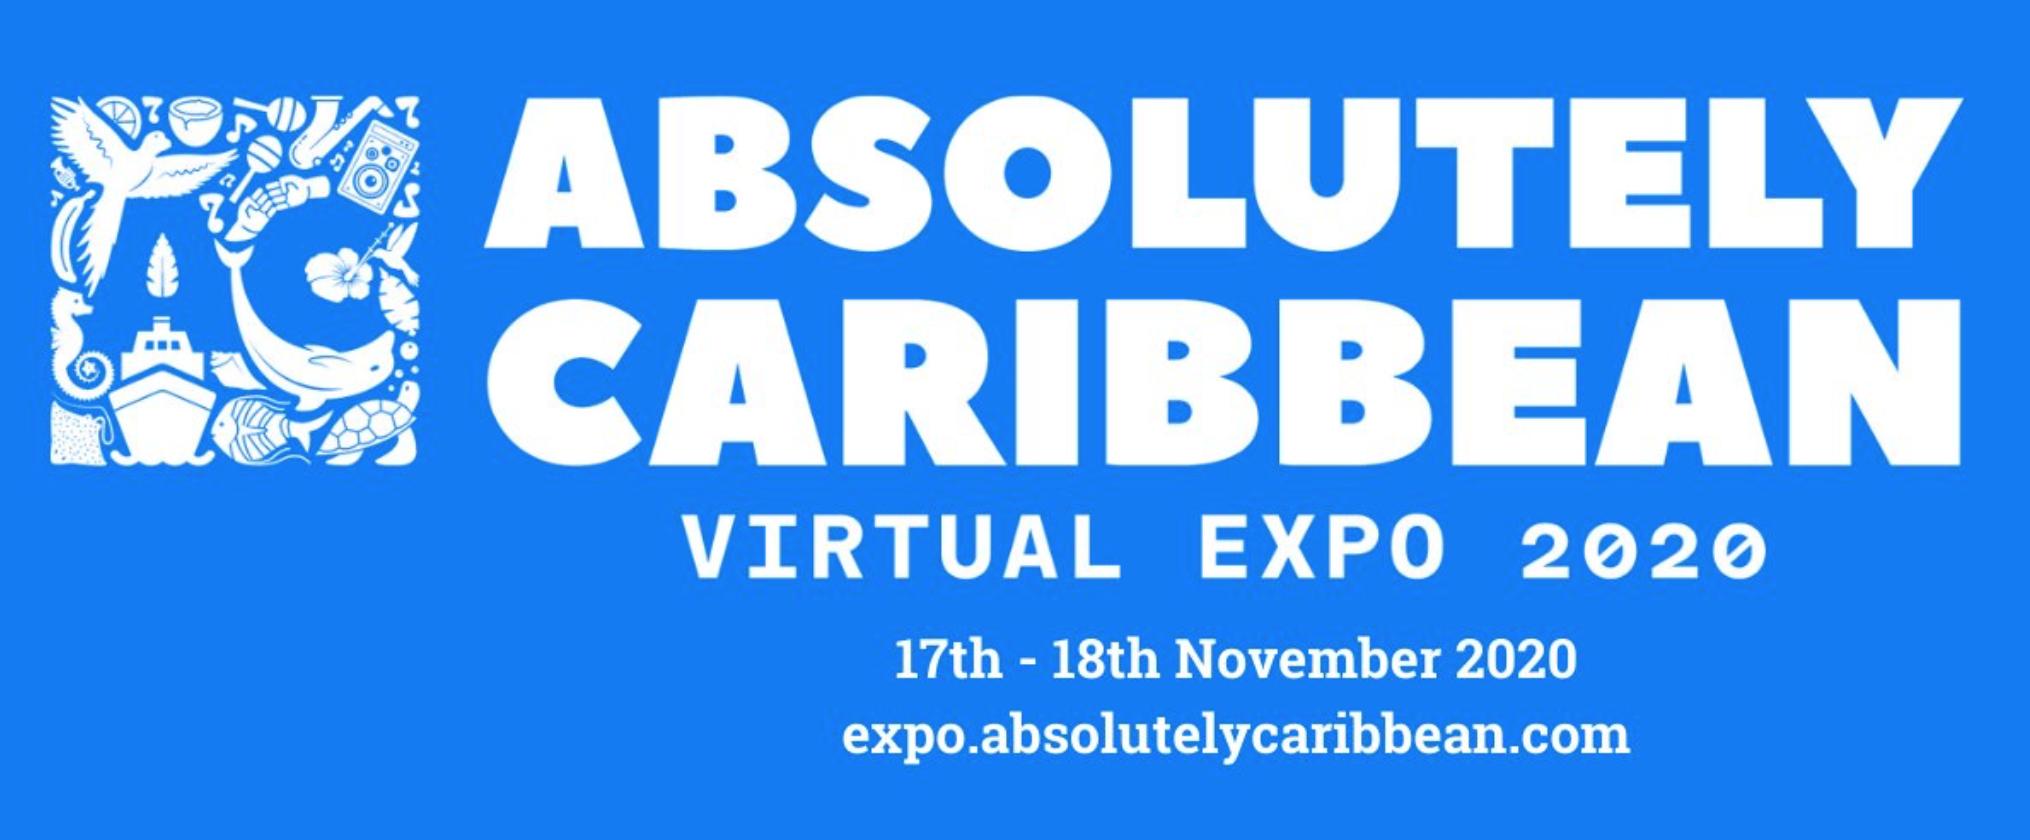 « Absolutely Caribbean Virtual Expo 2020 » : Lancement de la première exposition virtuelle de produits made in Caraïbe